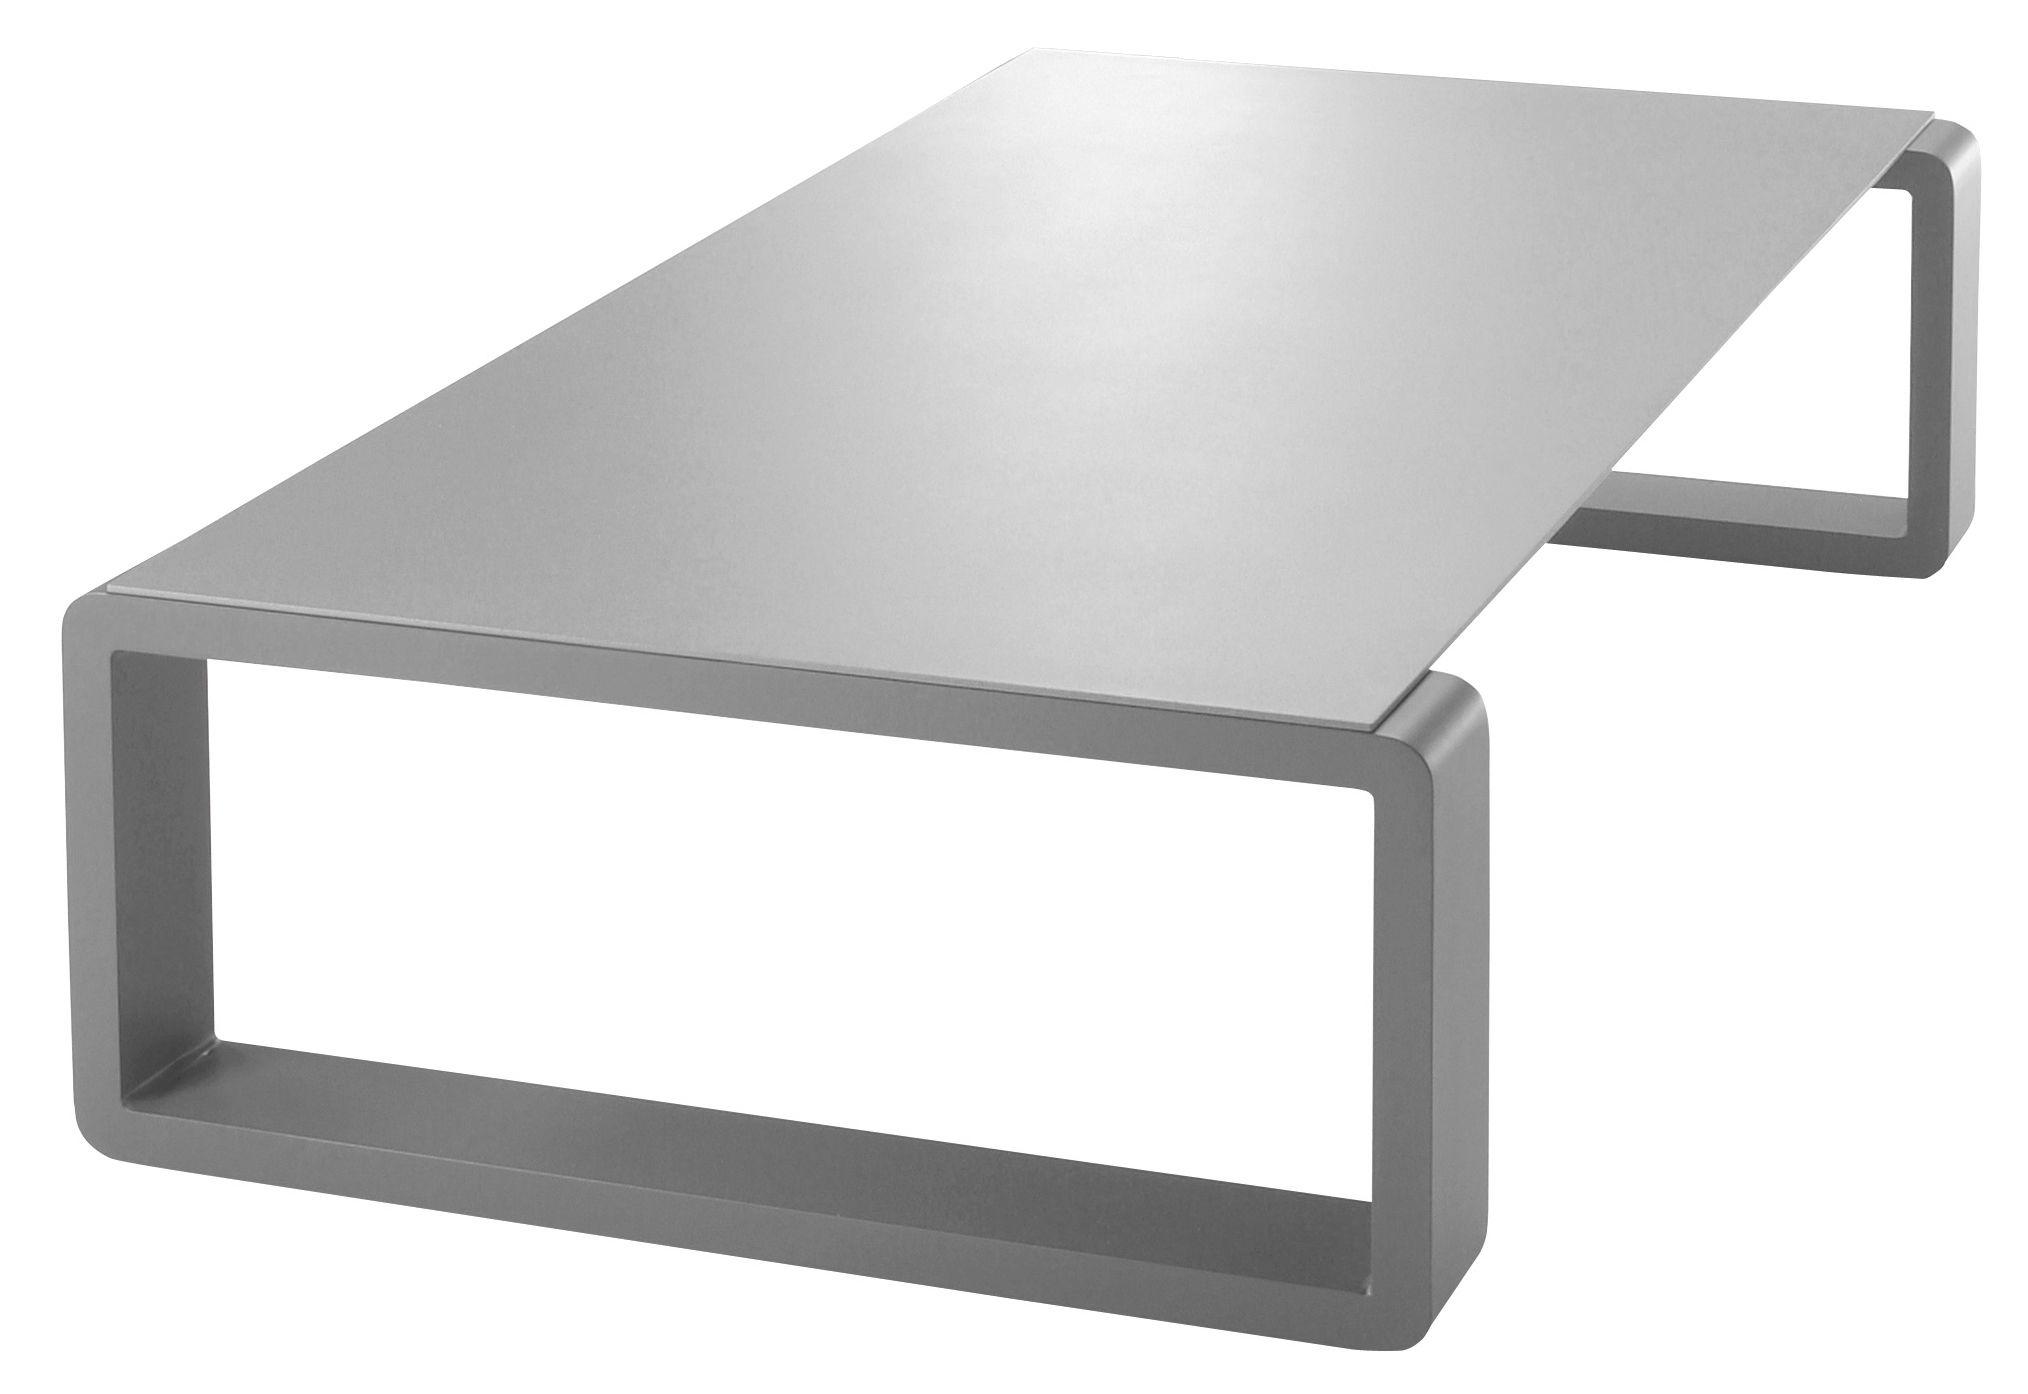 Arredamento - Tavolini  - Tavolino Kama di EGO Paris - Piano argento / struttura argento - Alluminio laccato